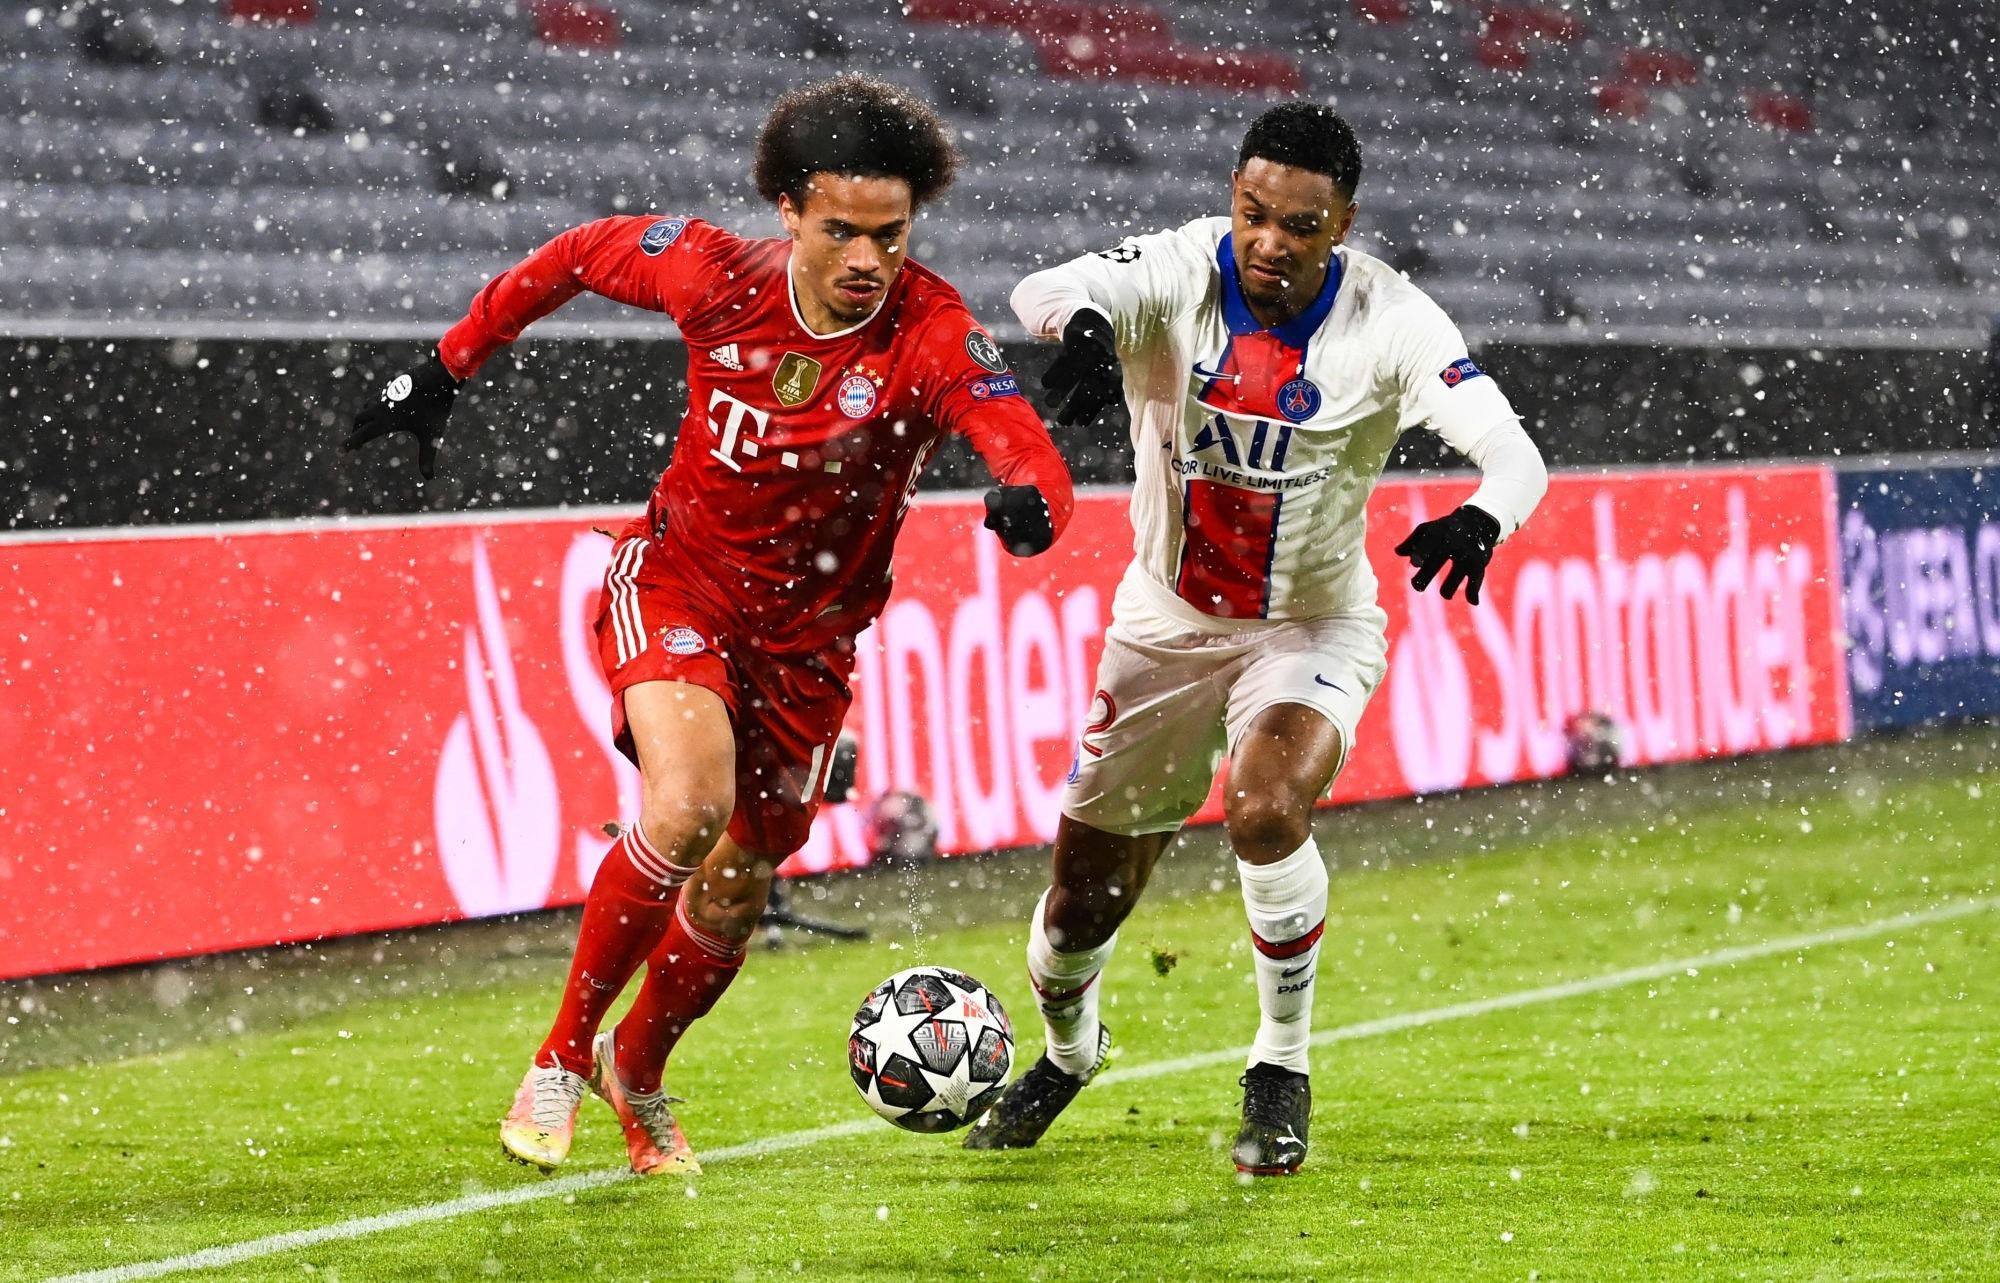 """Bayern/PSG - Diallo donne des nouvelles, il est sortie car il est """"malade"""""""